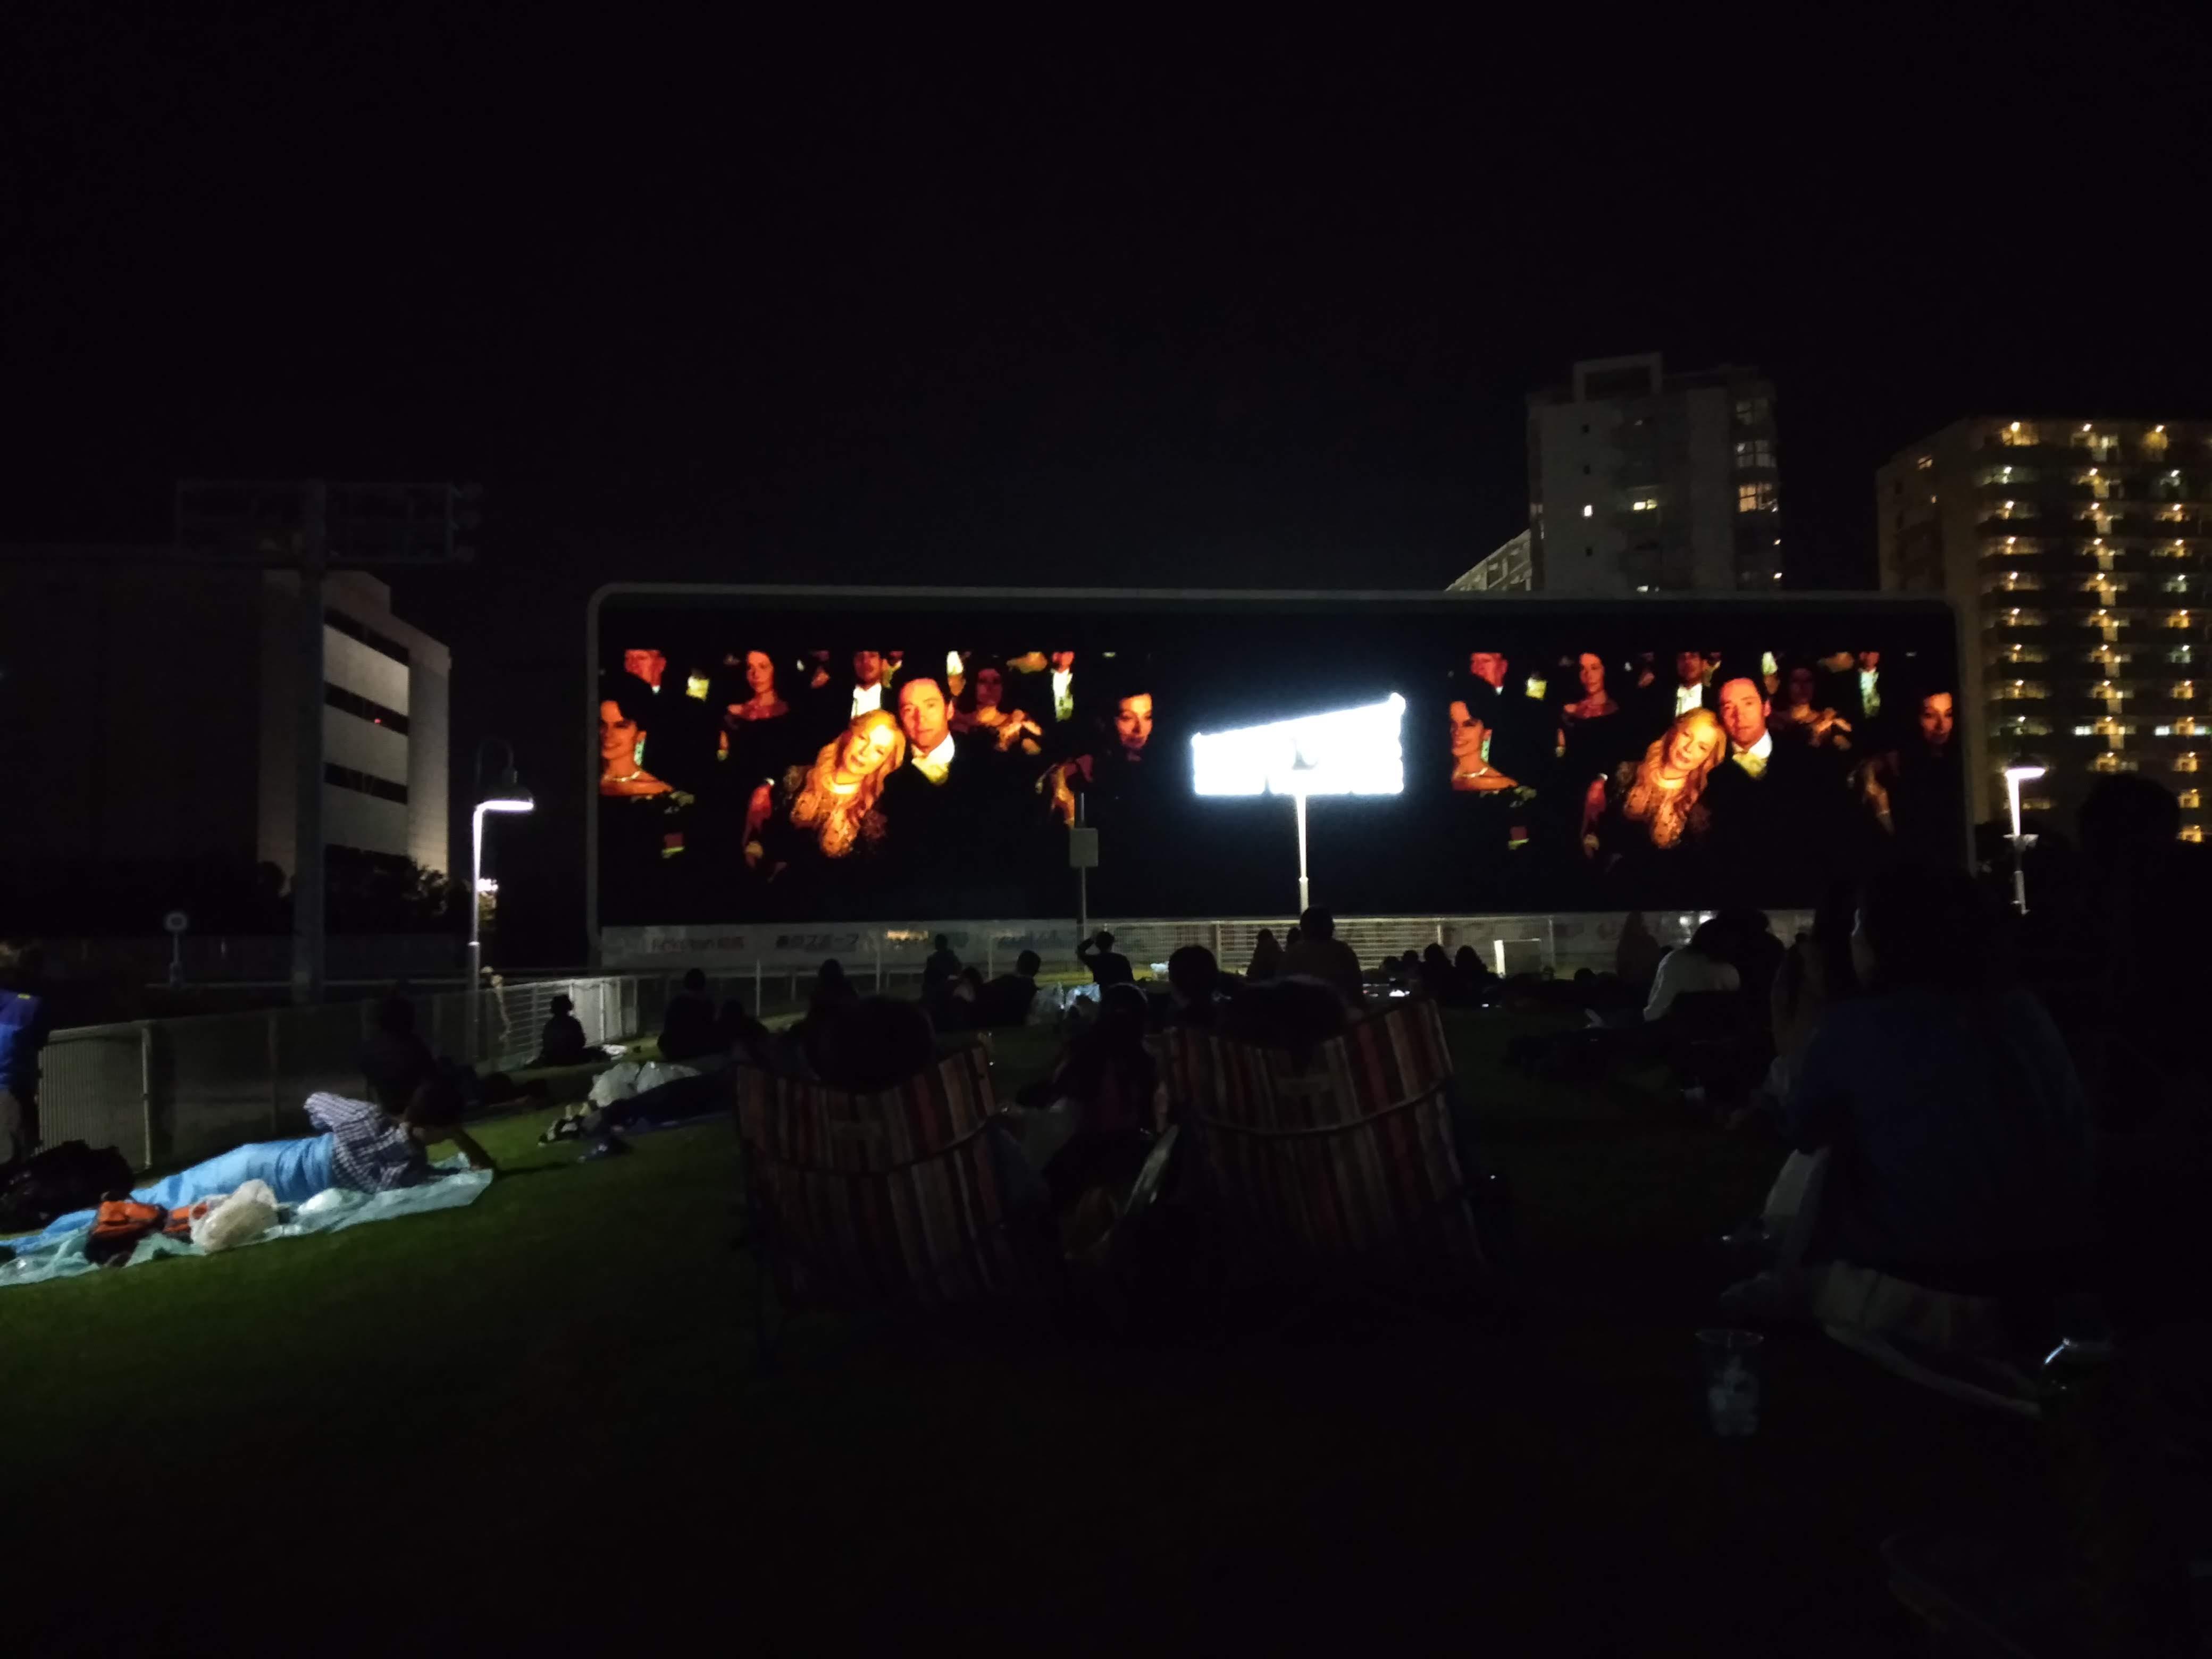 無料で映画を楽しめる! ねぶくろシネマ―モンスタースクリーンシアター@川崎競馬場―